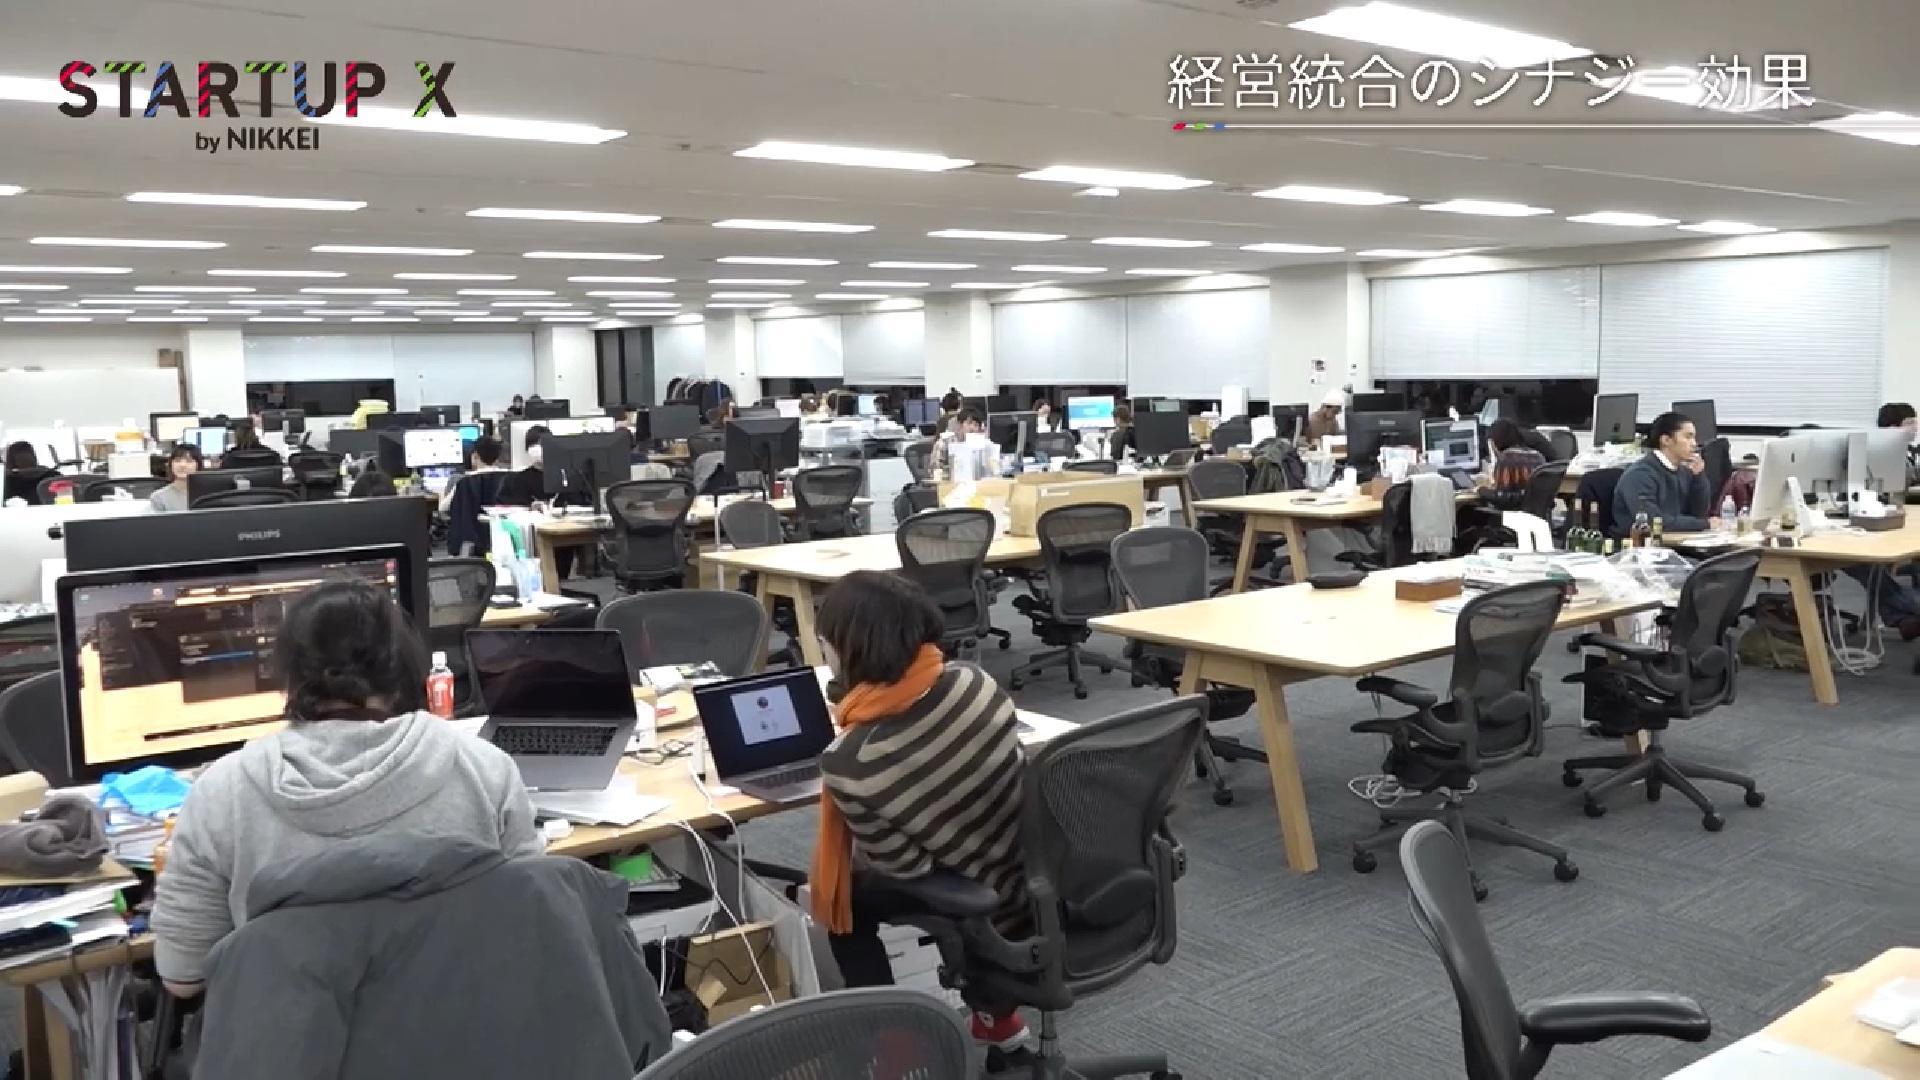 20190204_nikkeistartupx_20.jpg